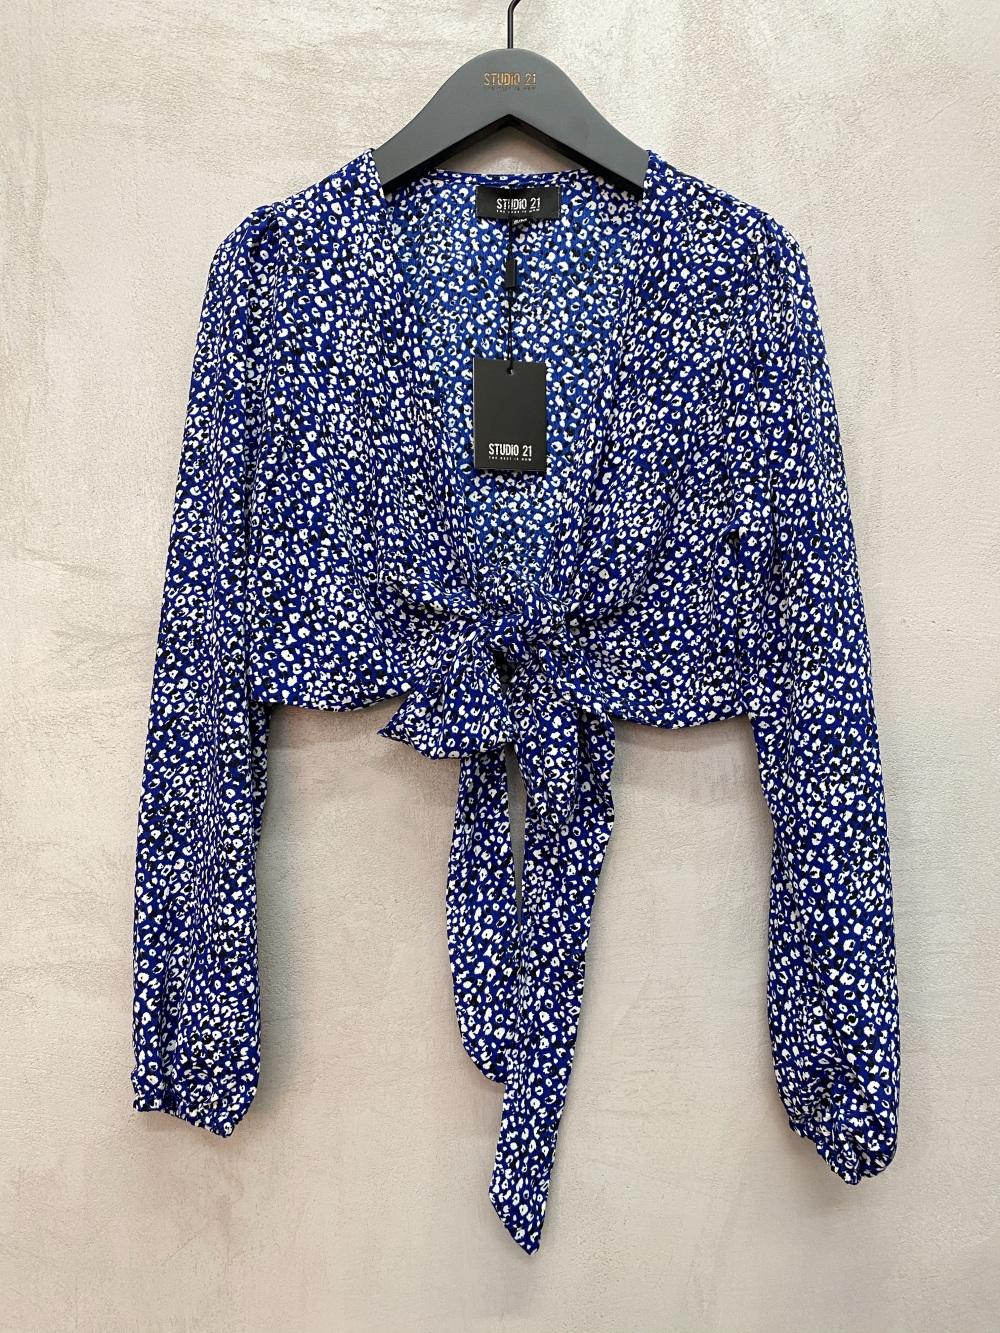 Tops Femme Bleu royal Vintage Dressing CL518 #c eFashion Paris